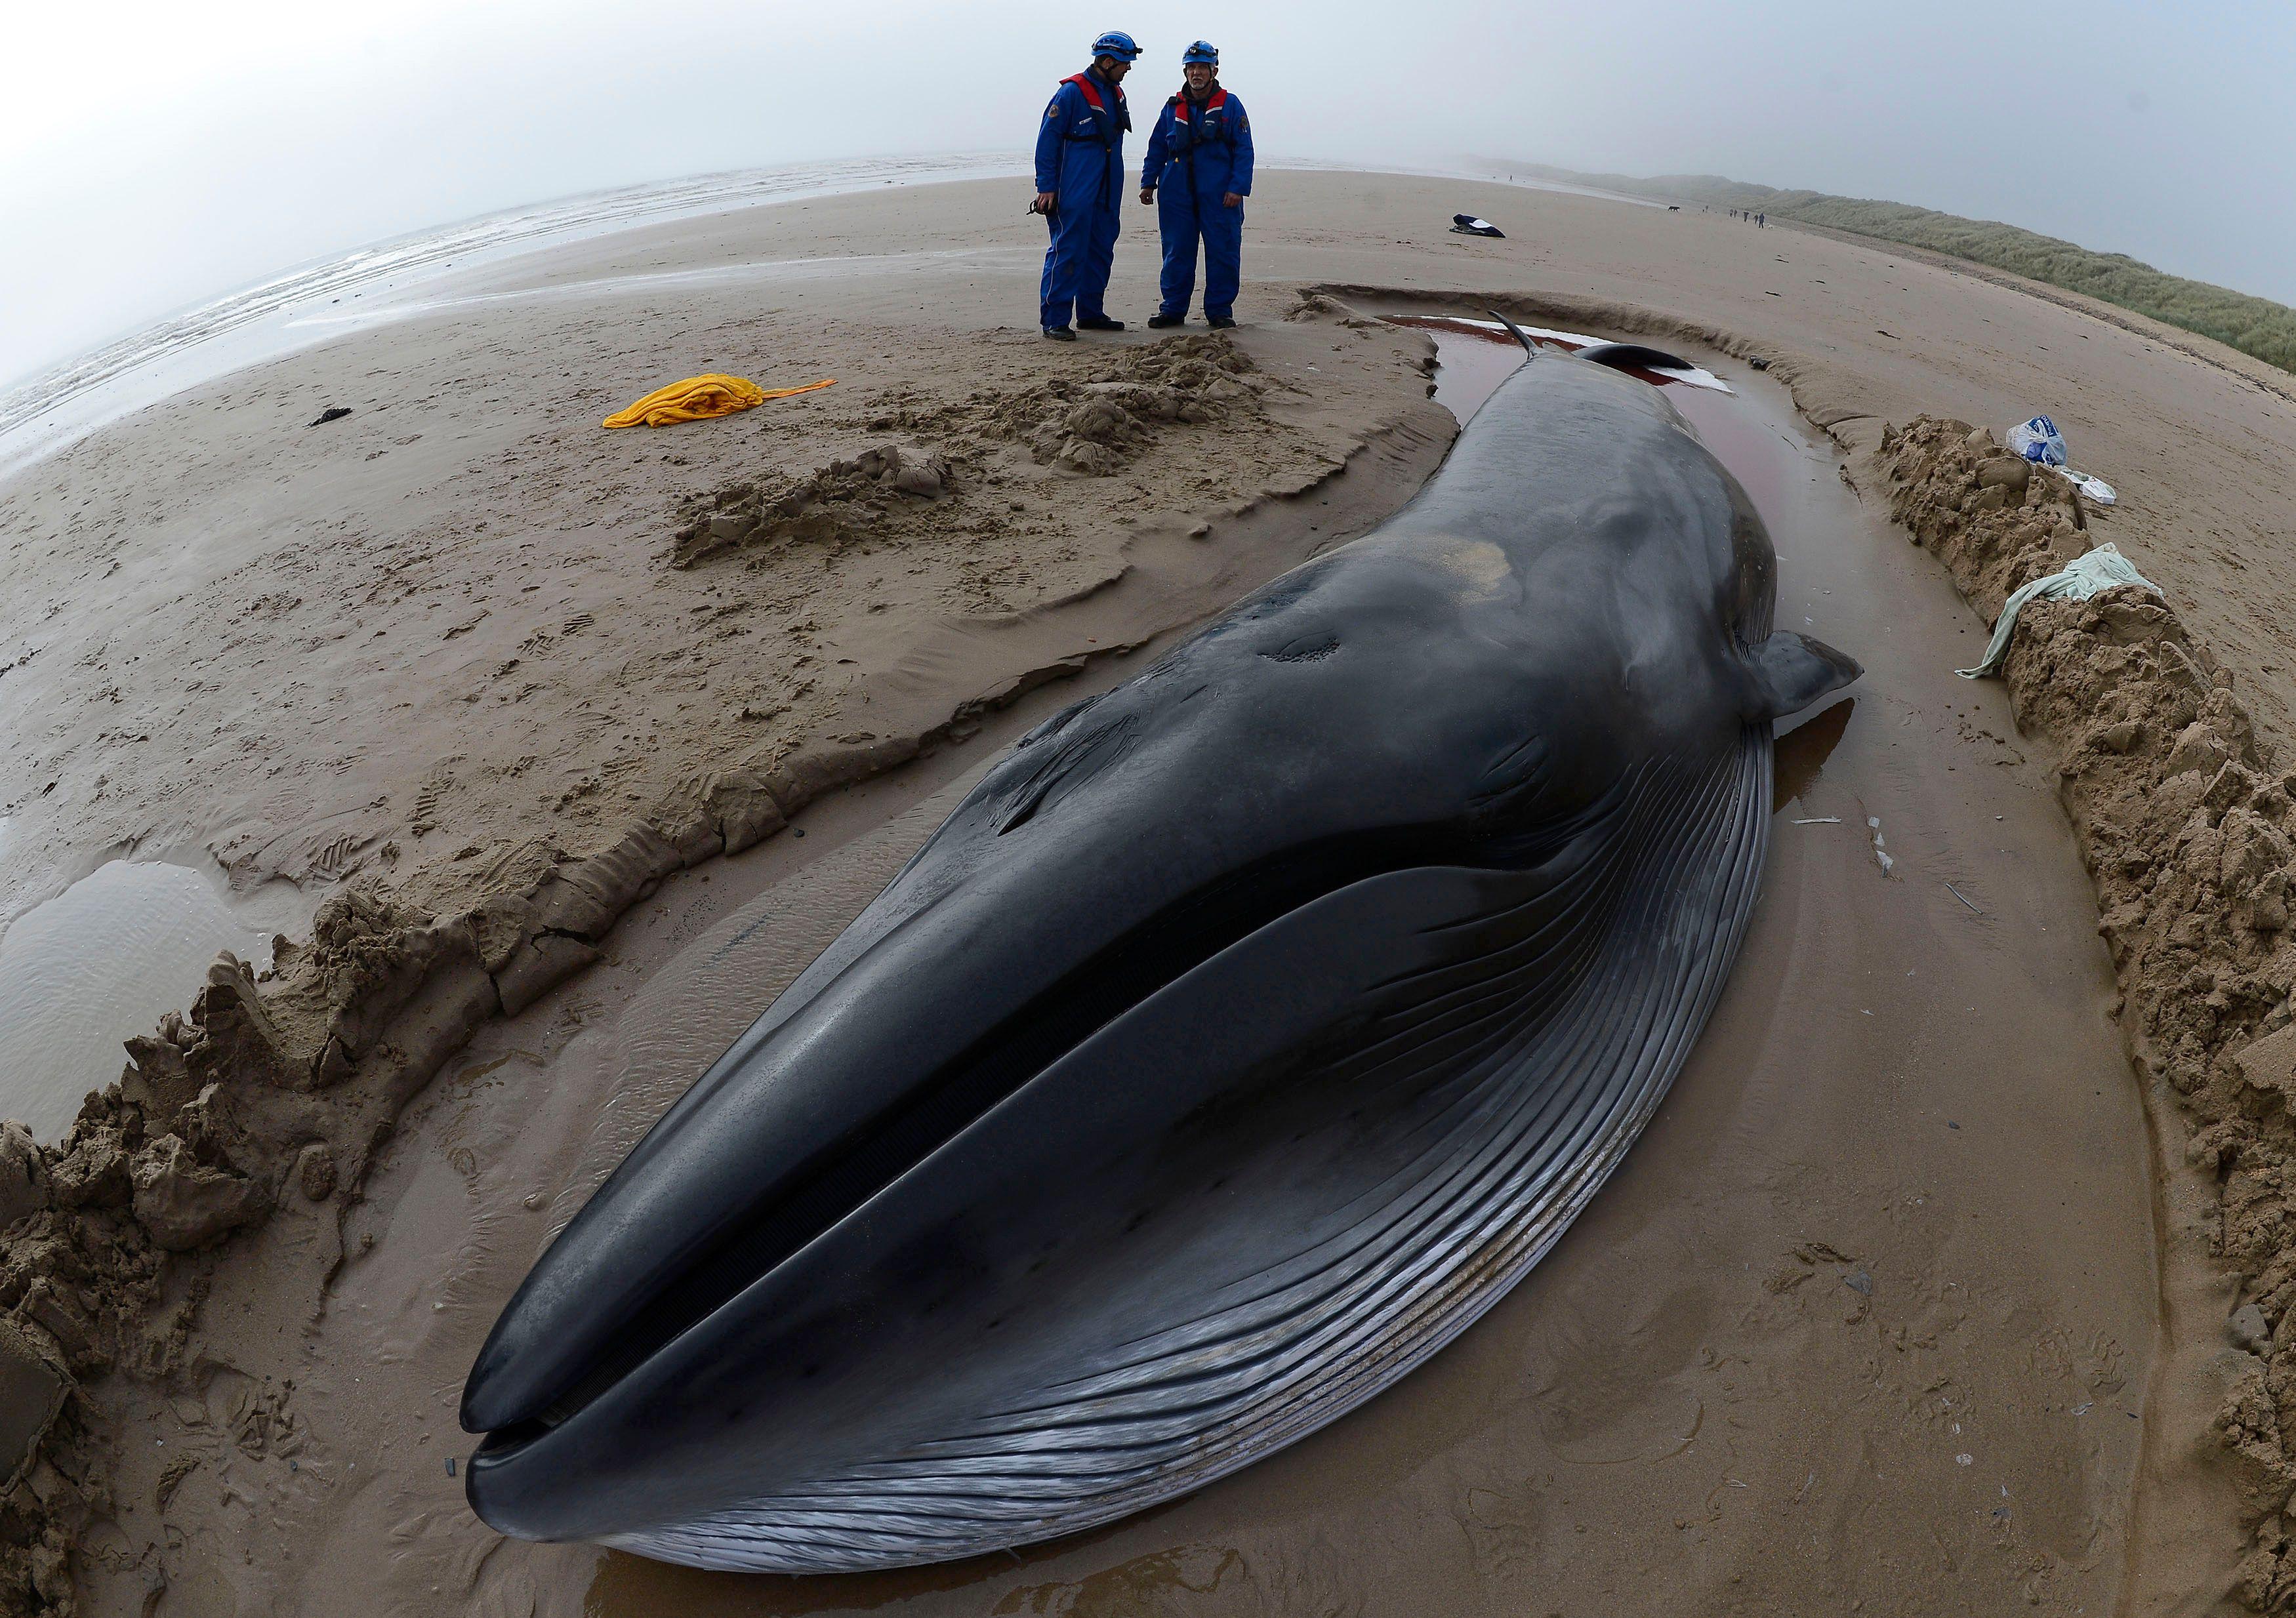 Selon les scientifiques, environ 2 baleines s'échouent sur les plages de New York chaque année